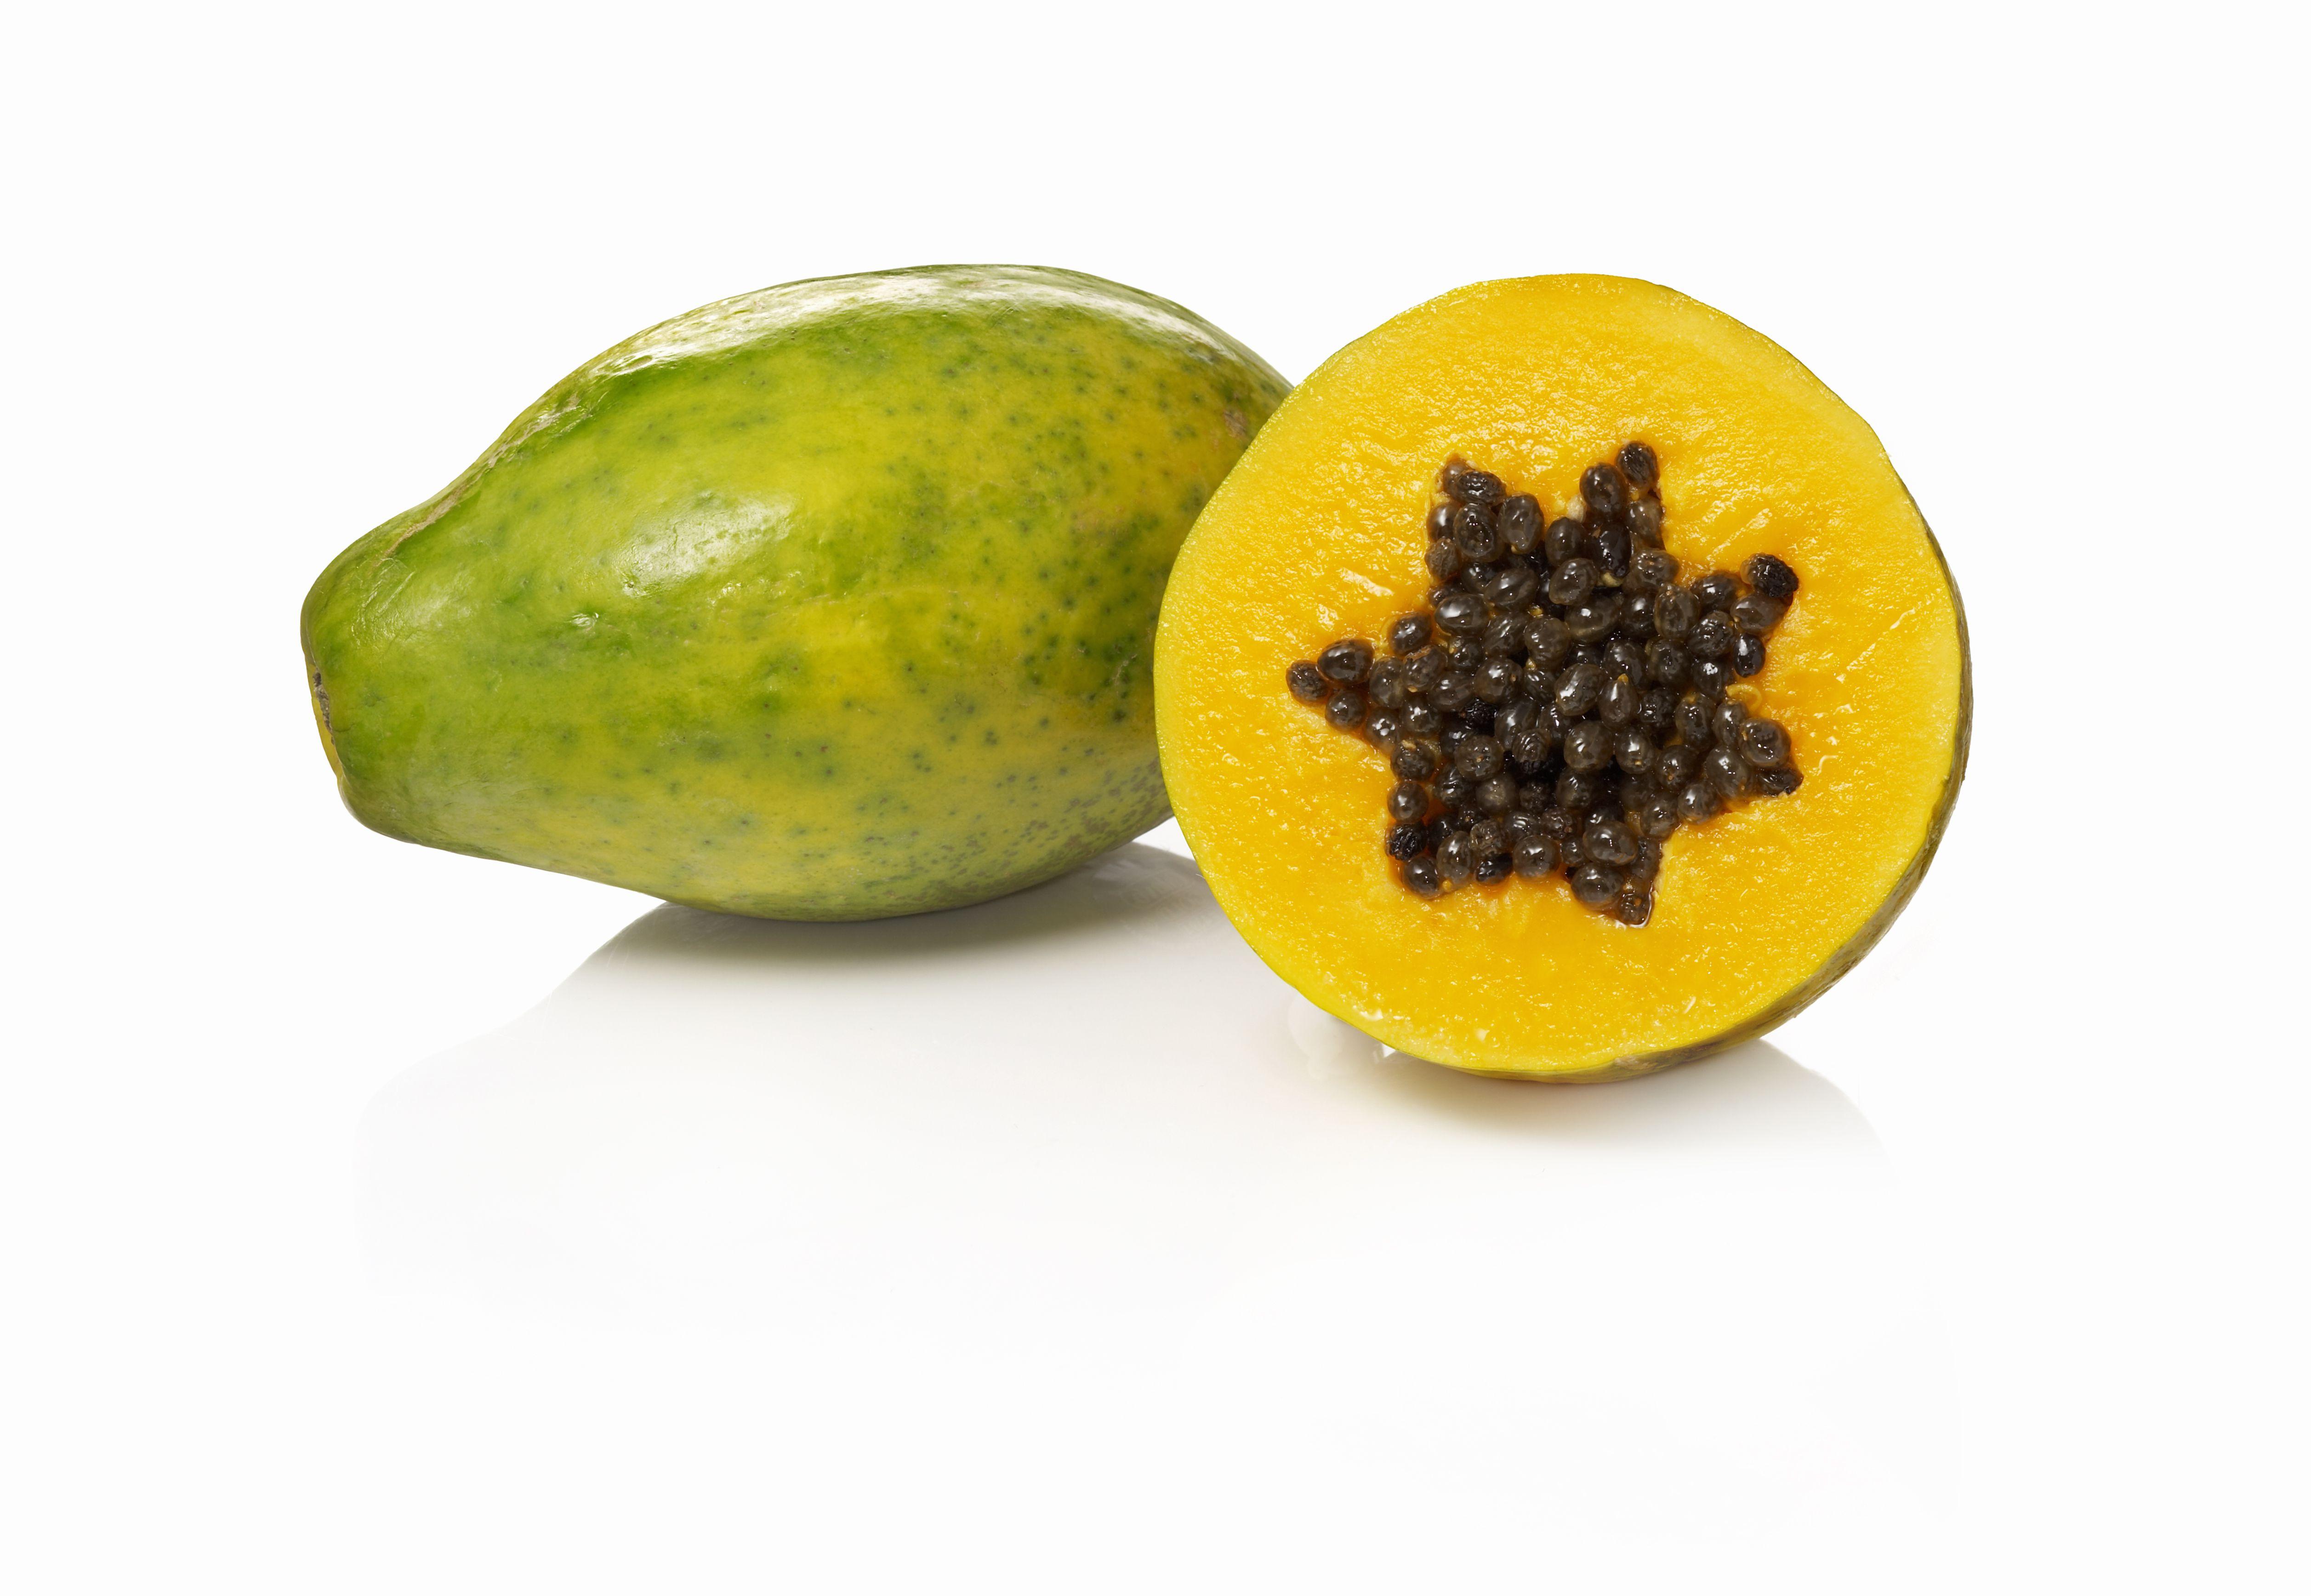 A cut open papaya